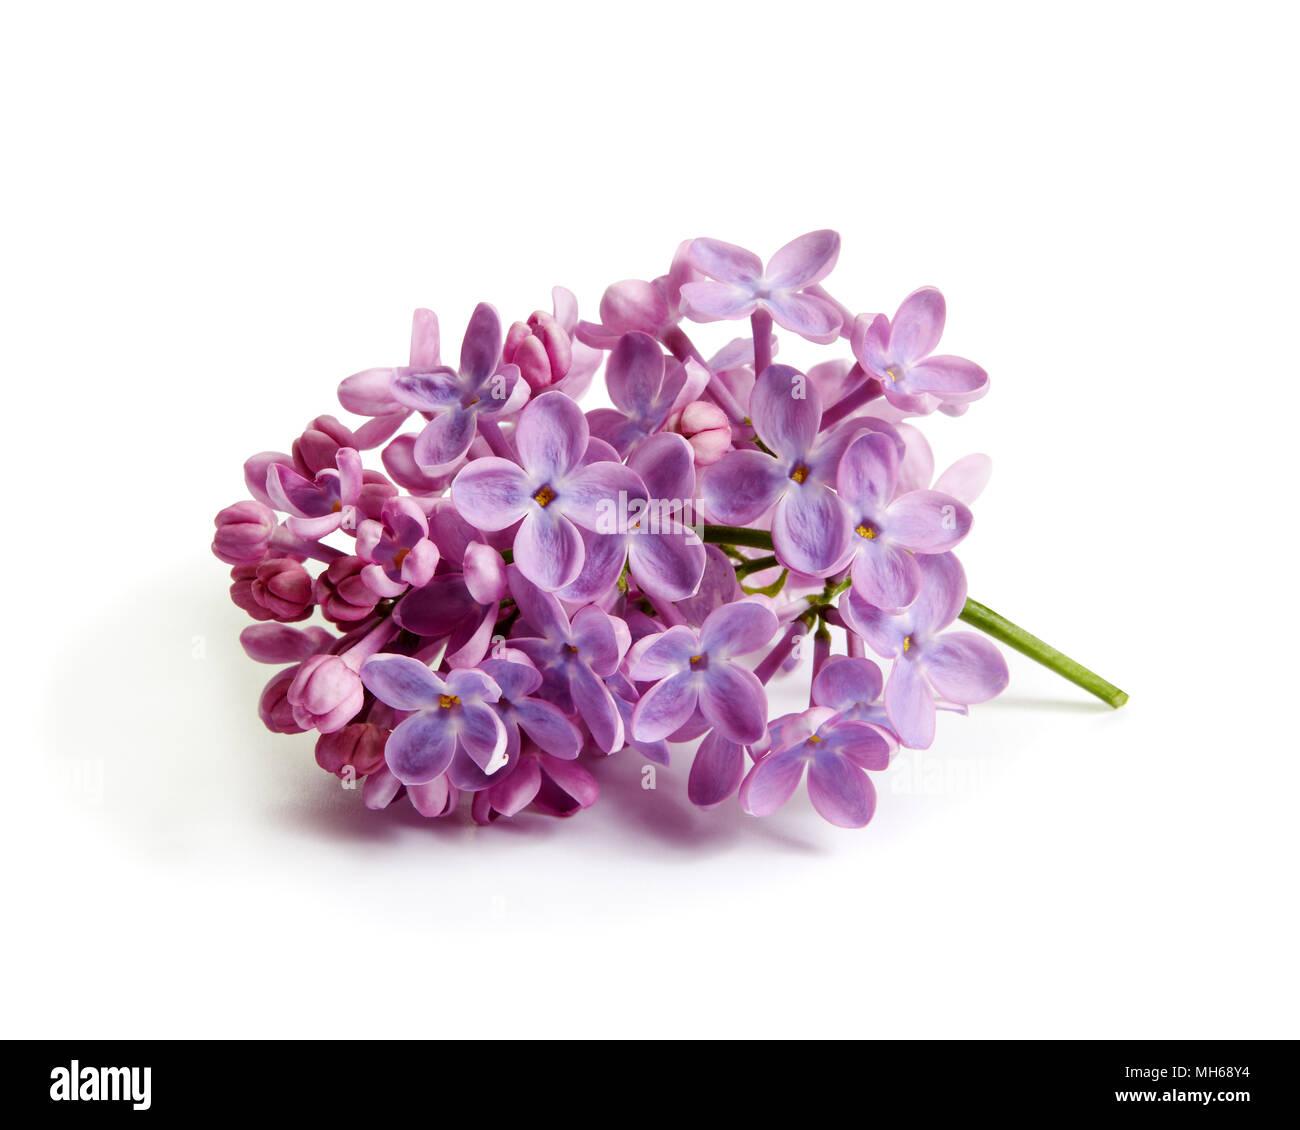 Lila Lila Blumen auf weißem Hintergrund. Stockbild